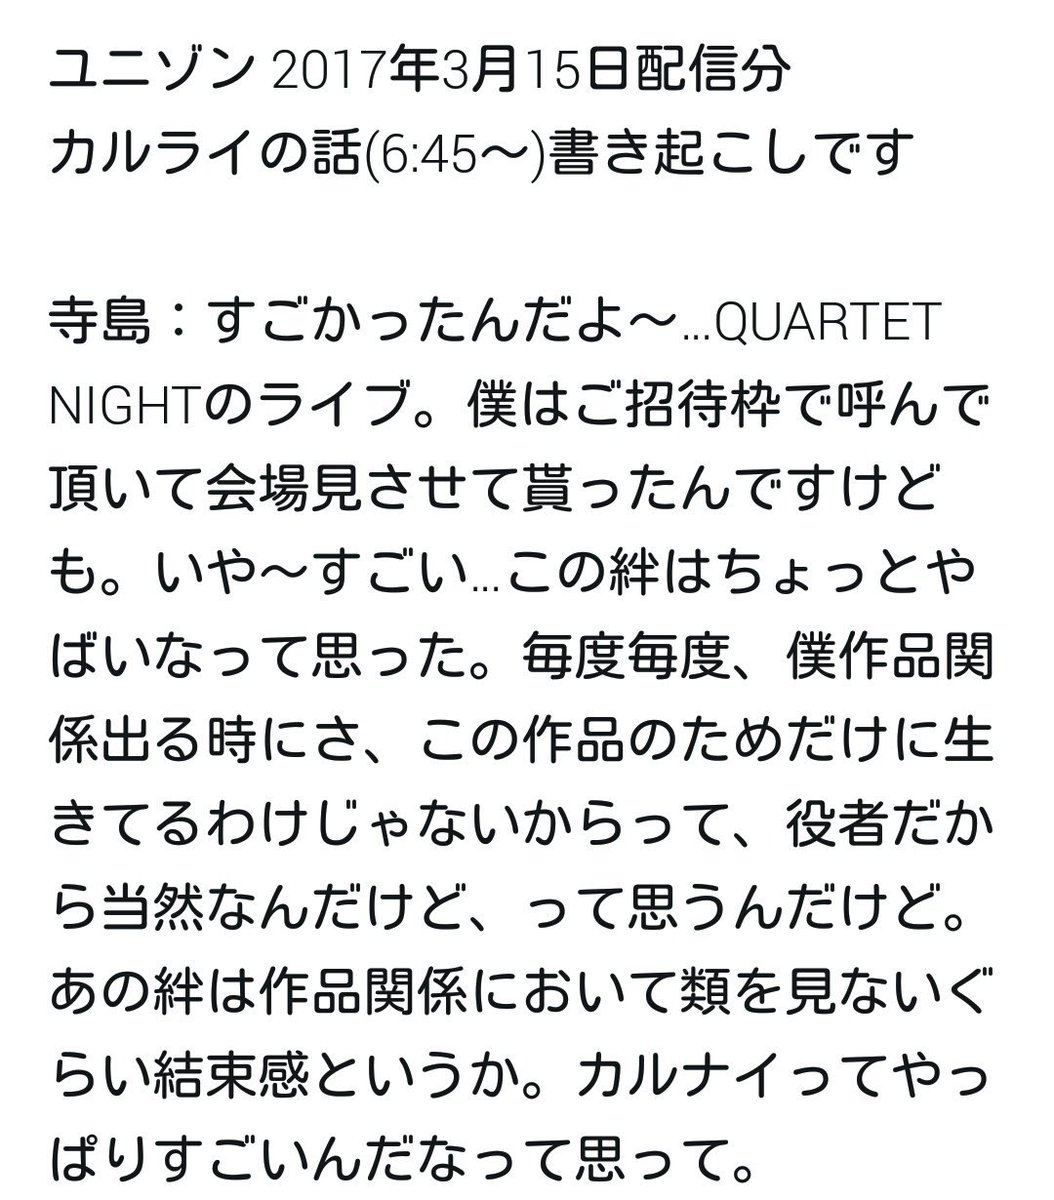 ユニゾン3/15 寺島さんからのカルライの話書き起こし文です。ユニゾンはradikoで過去の放送聞けますのでよろしくどうぞ。 ①